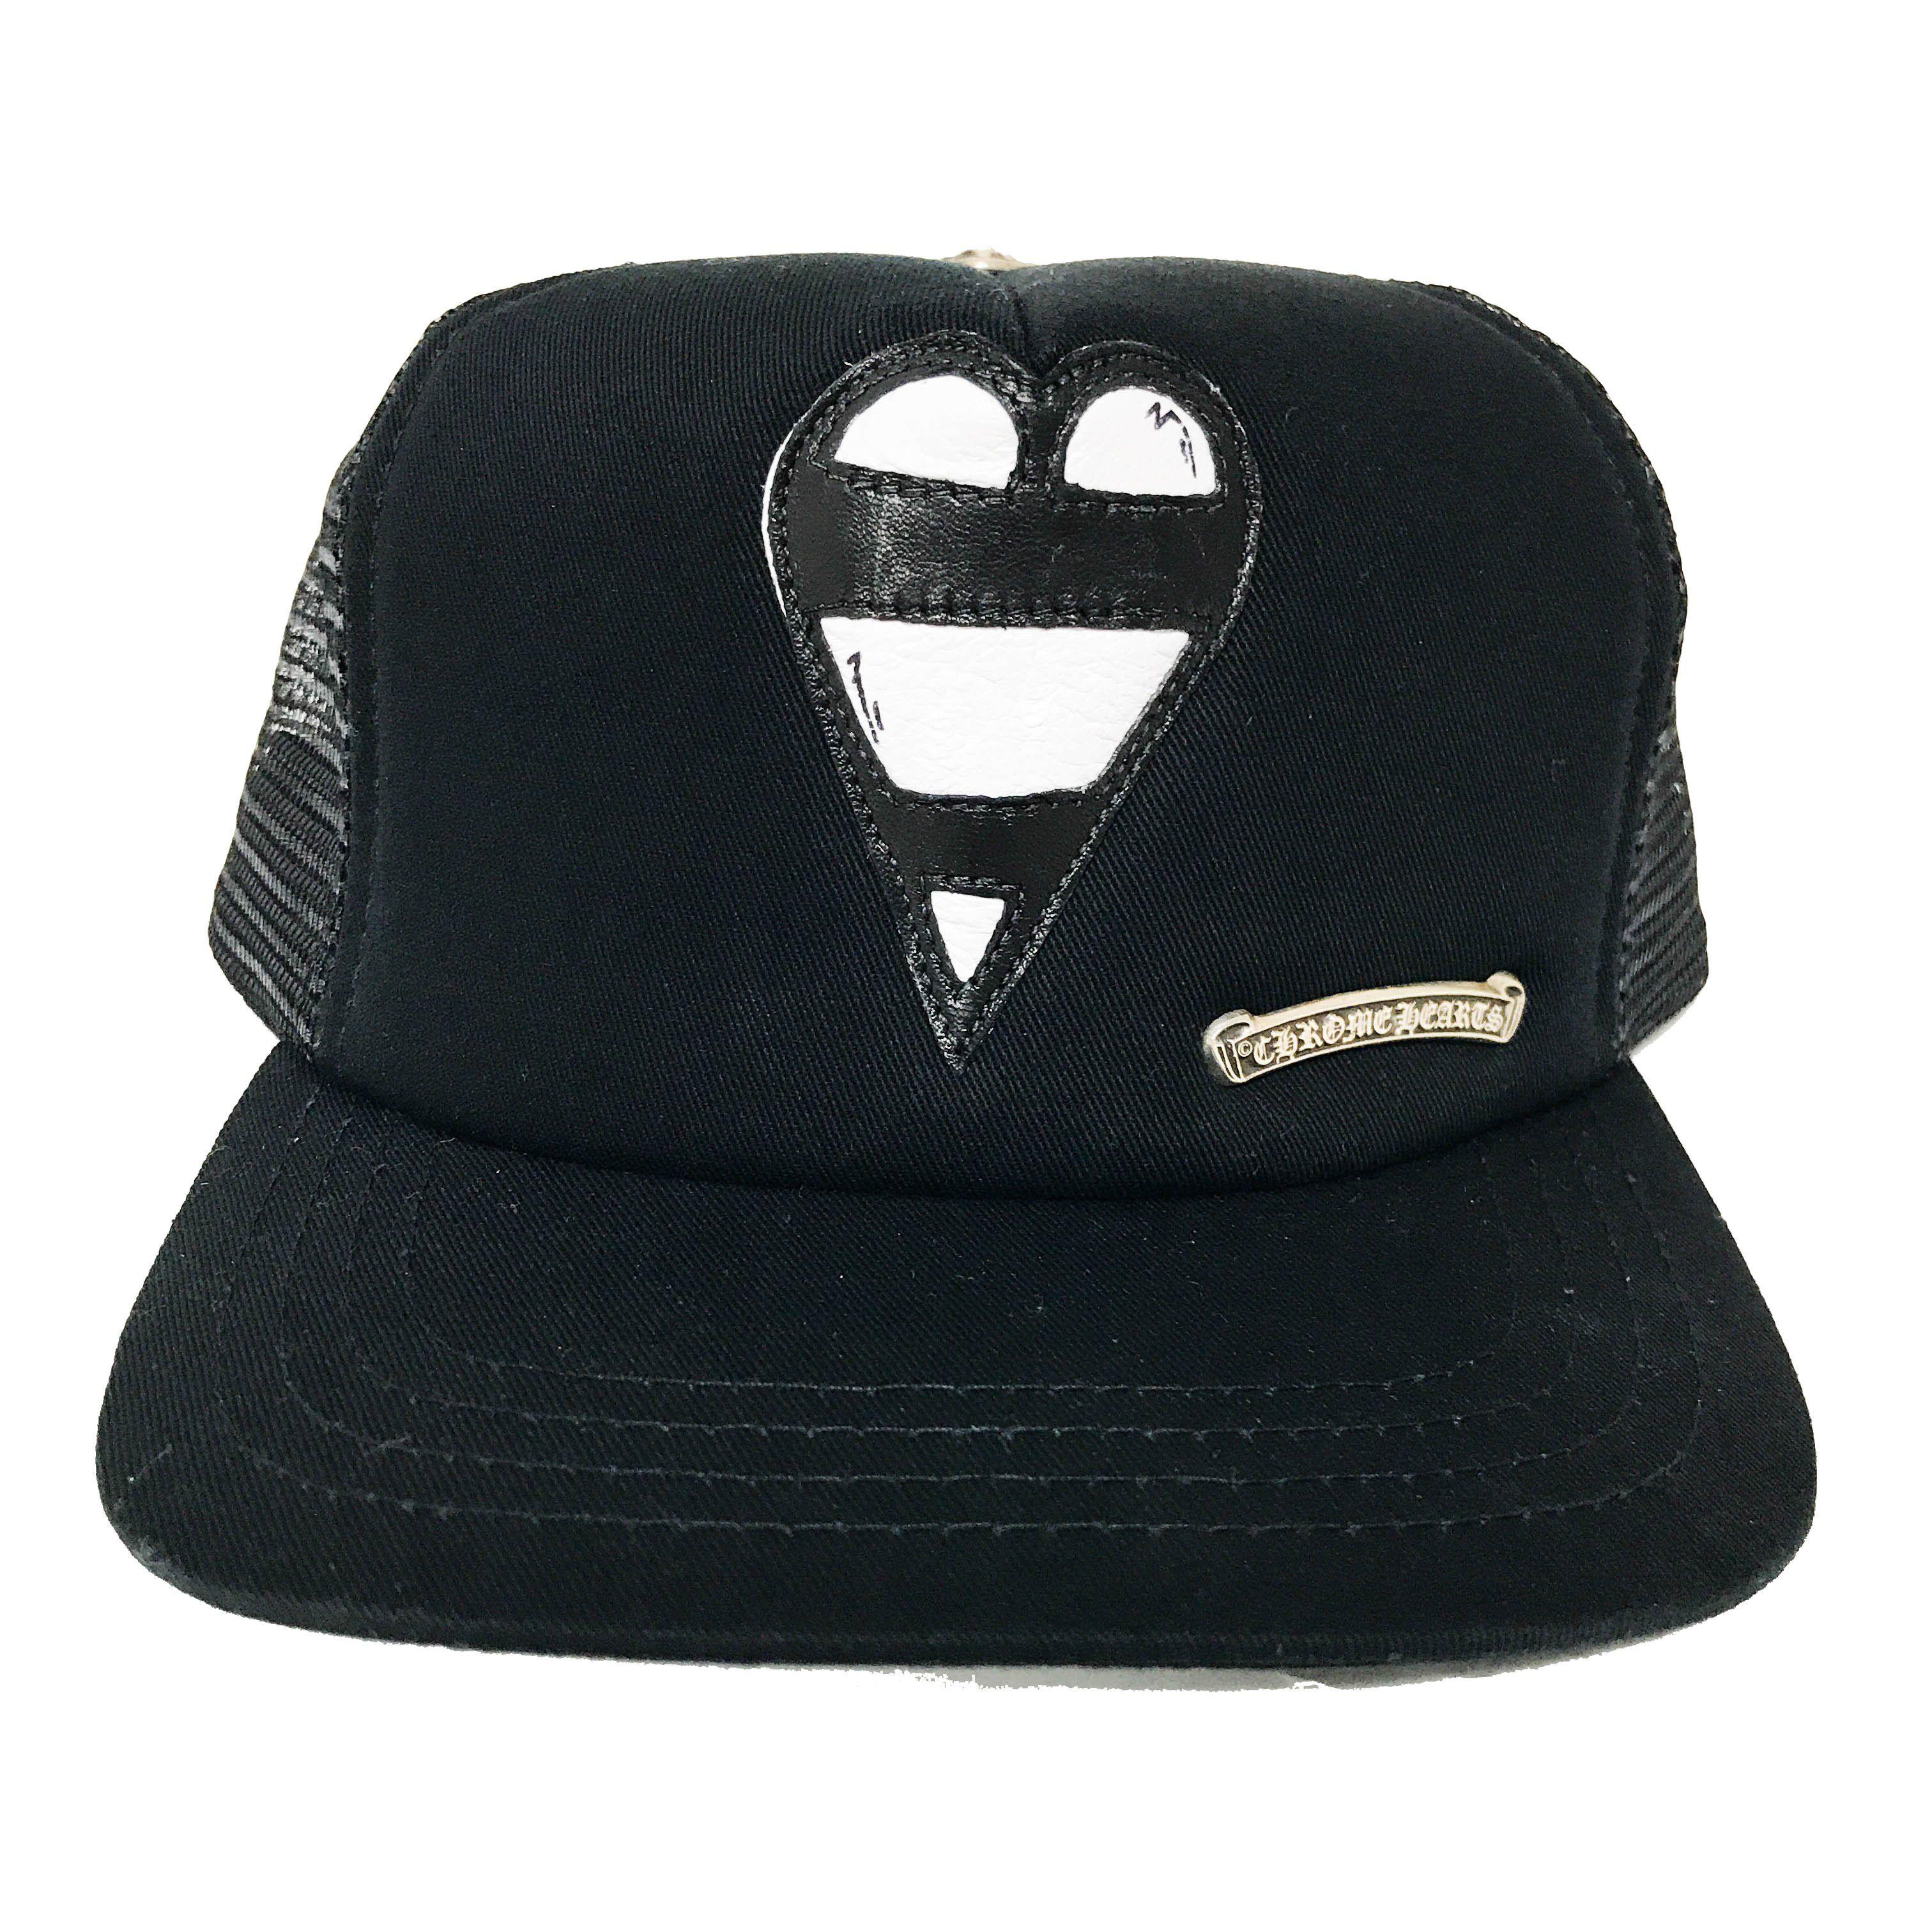 5dec63e9c7984 CH Chomper Hat. CH Chomper Hat Chrome Hearts ...